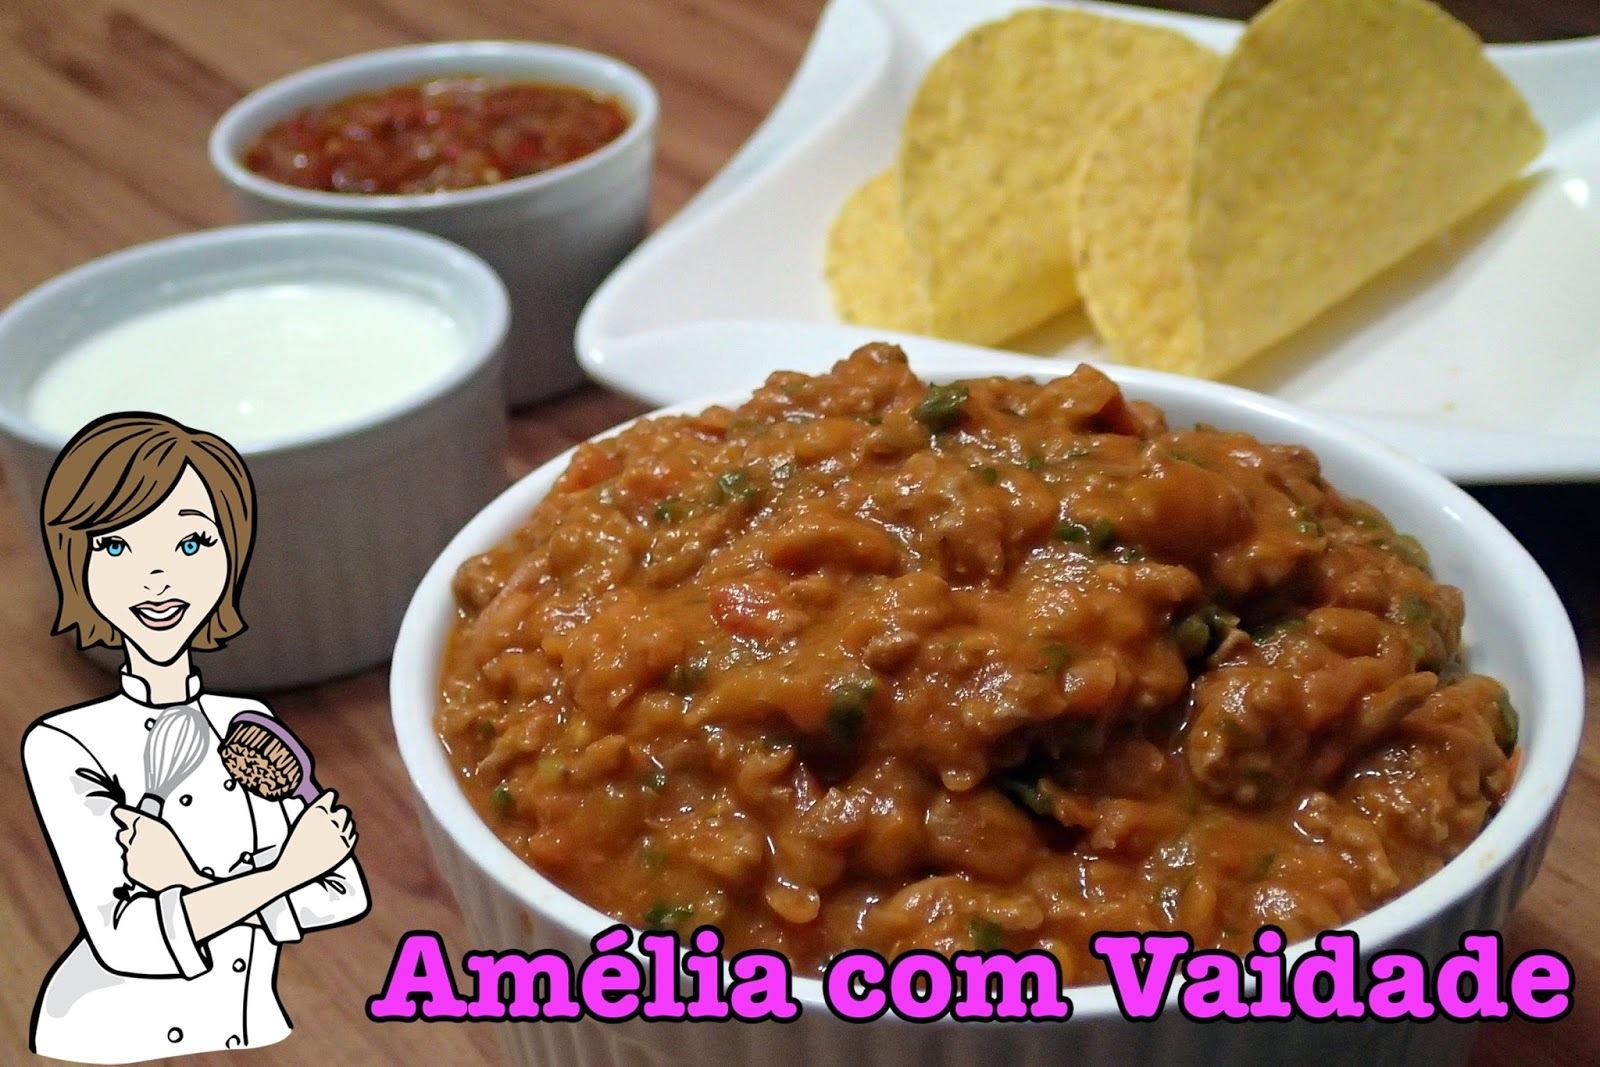 Chili com Carne - para tacos e burritos mexicanos